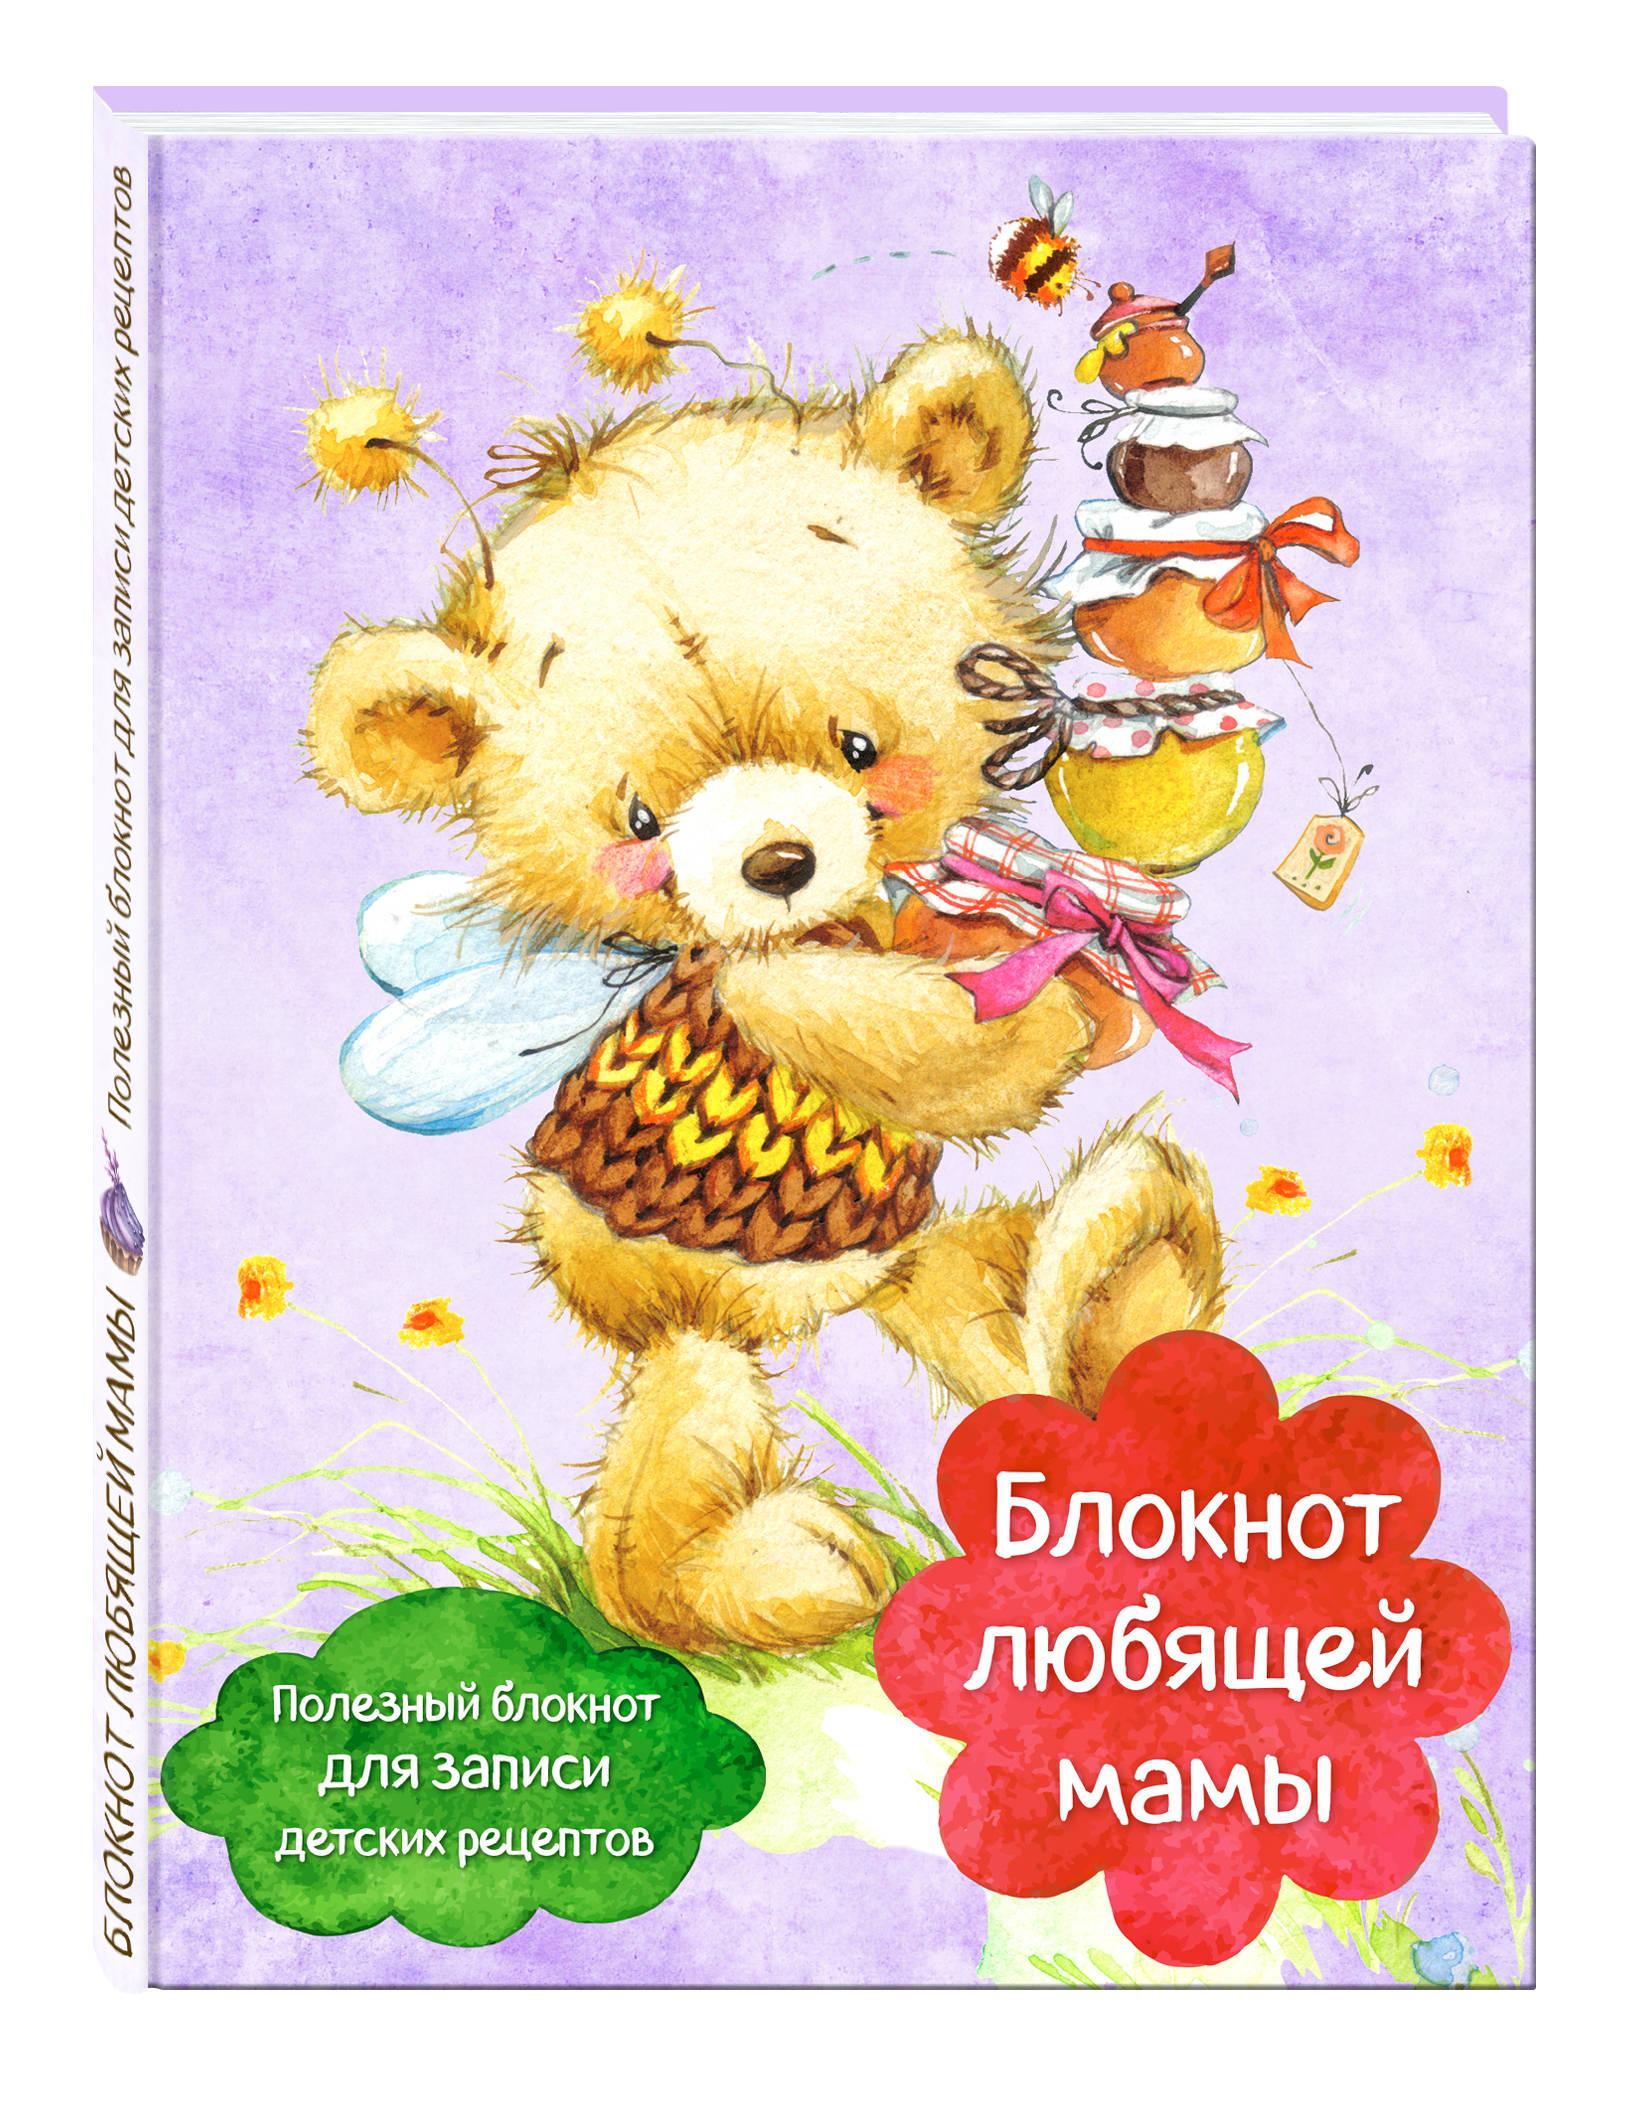 Блокнот любящей мамы. Полезные блокноты для записи детских рецептов (Мед и пчелы) все мамы делают это полезные блокноты для записи детских рецептов овечка и звездочки